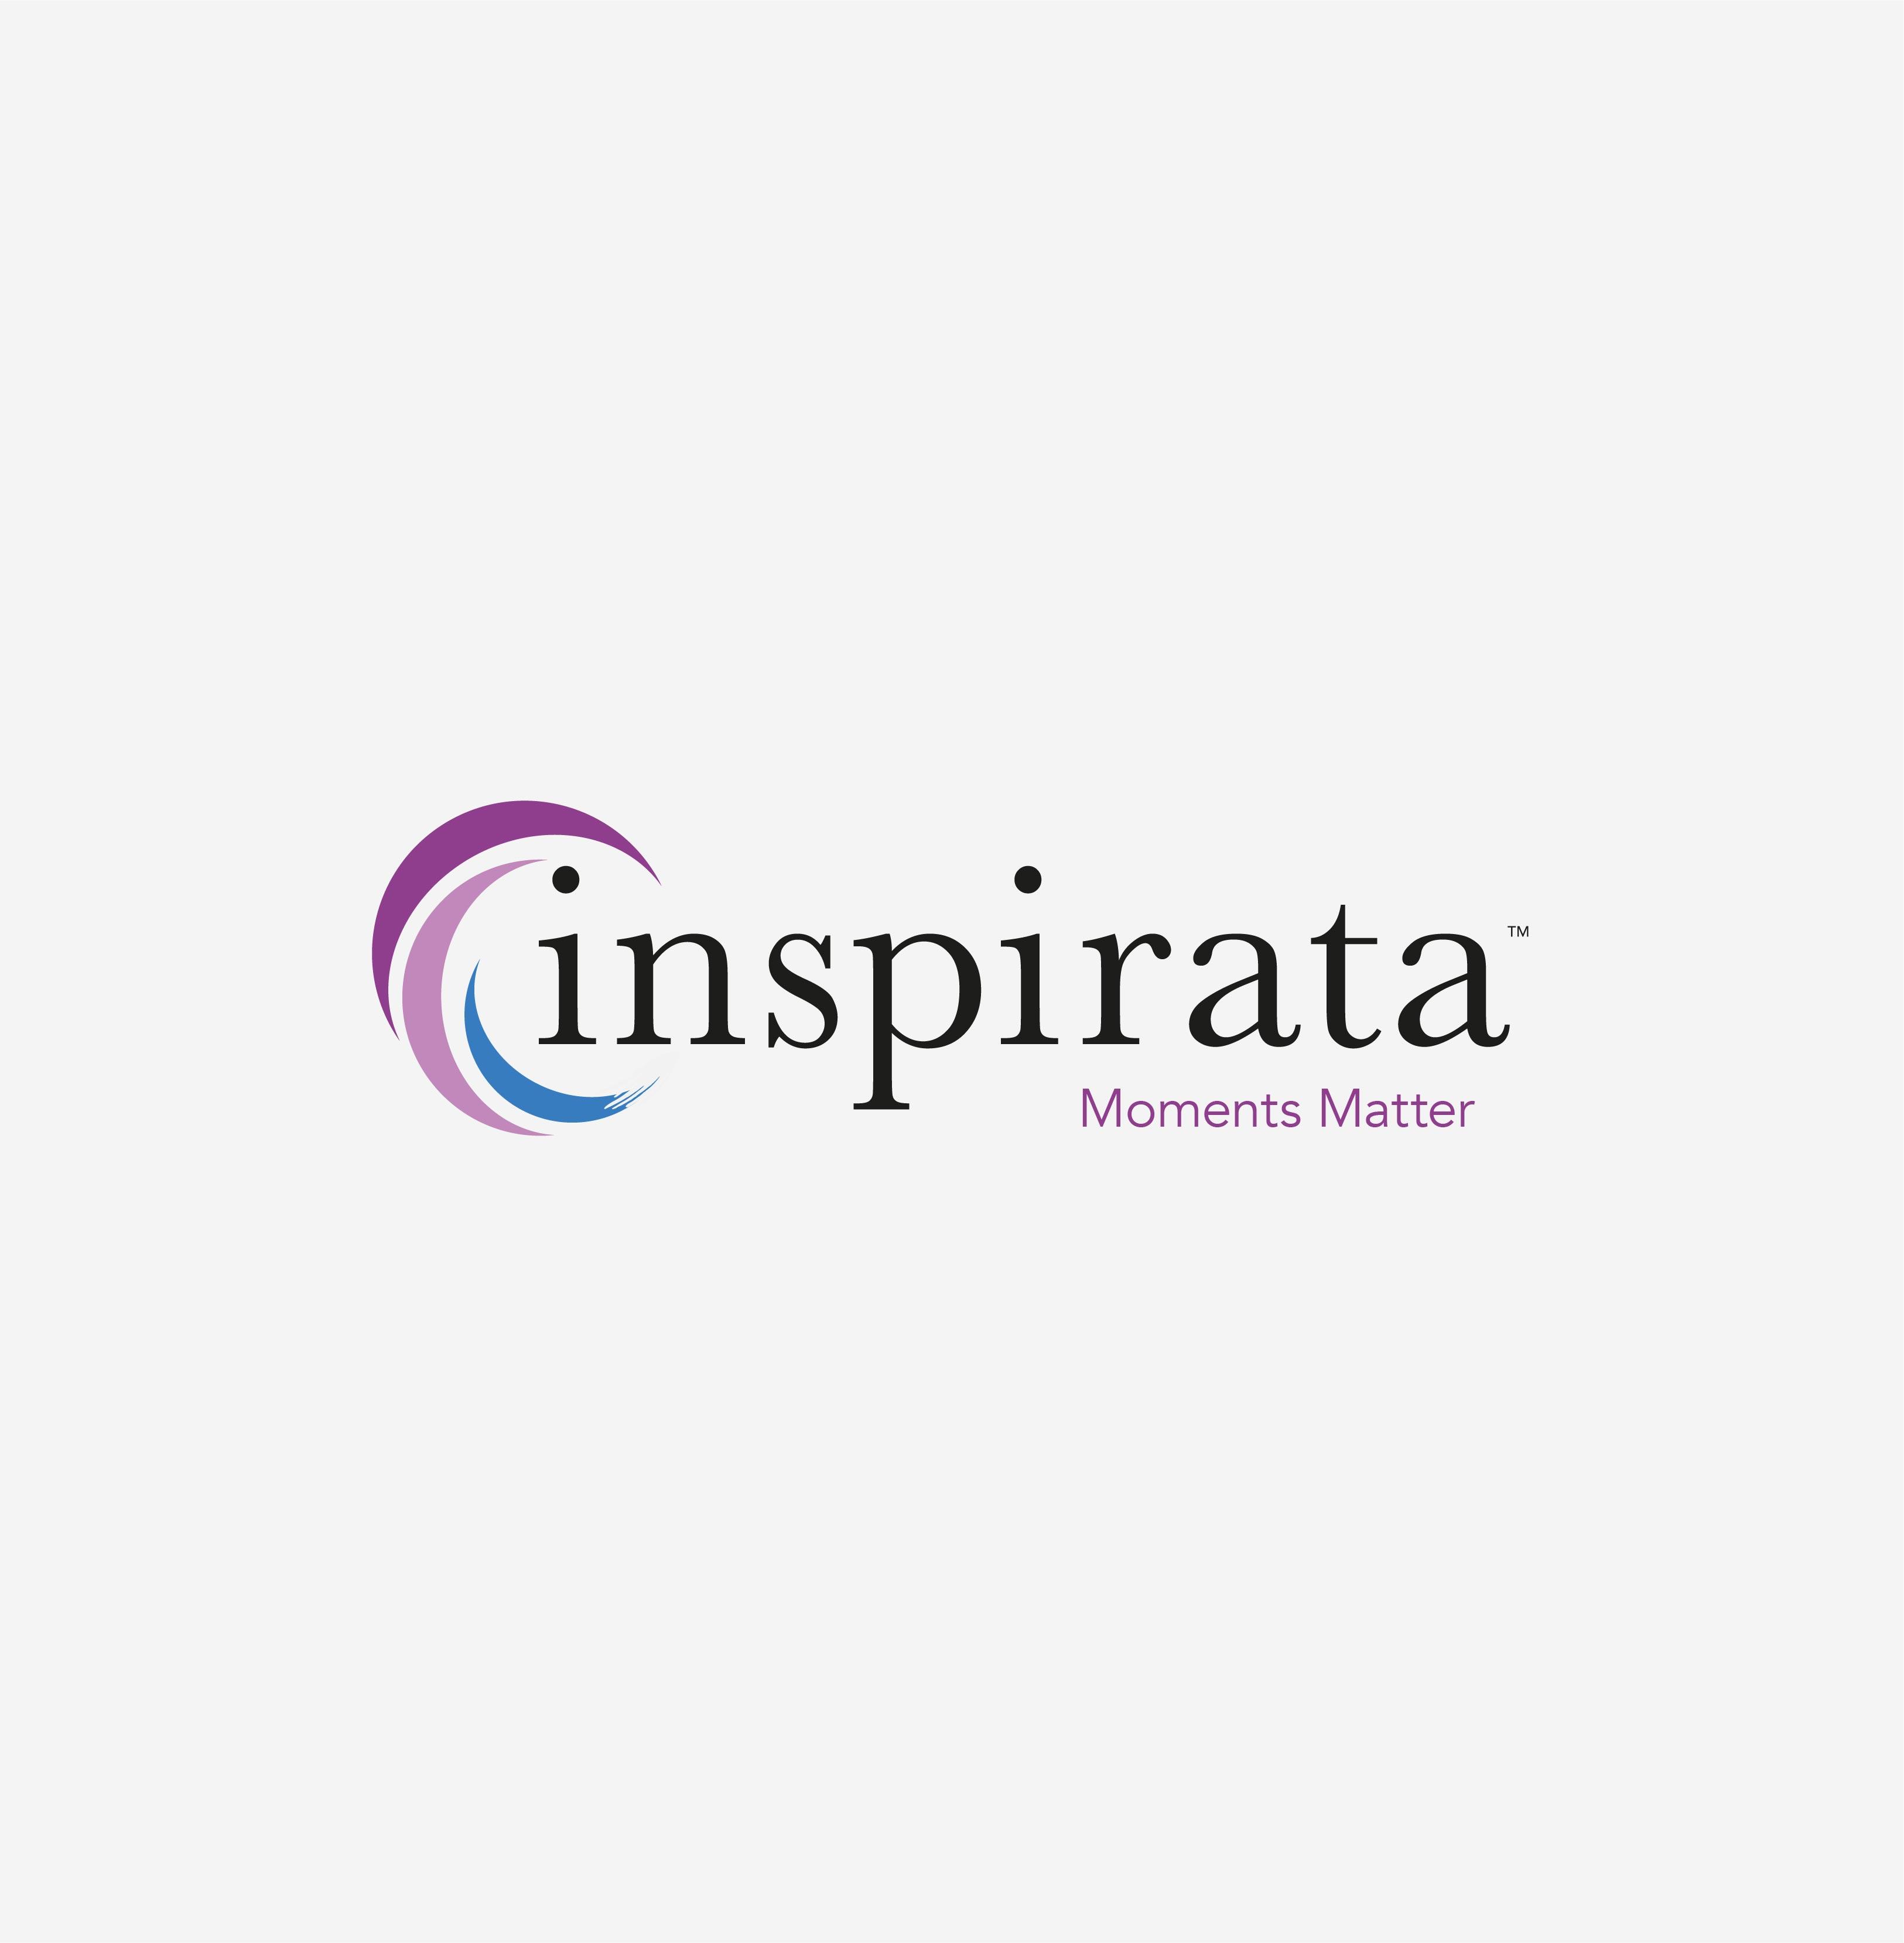 Inspirata Branding